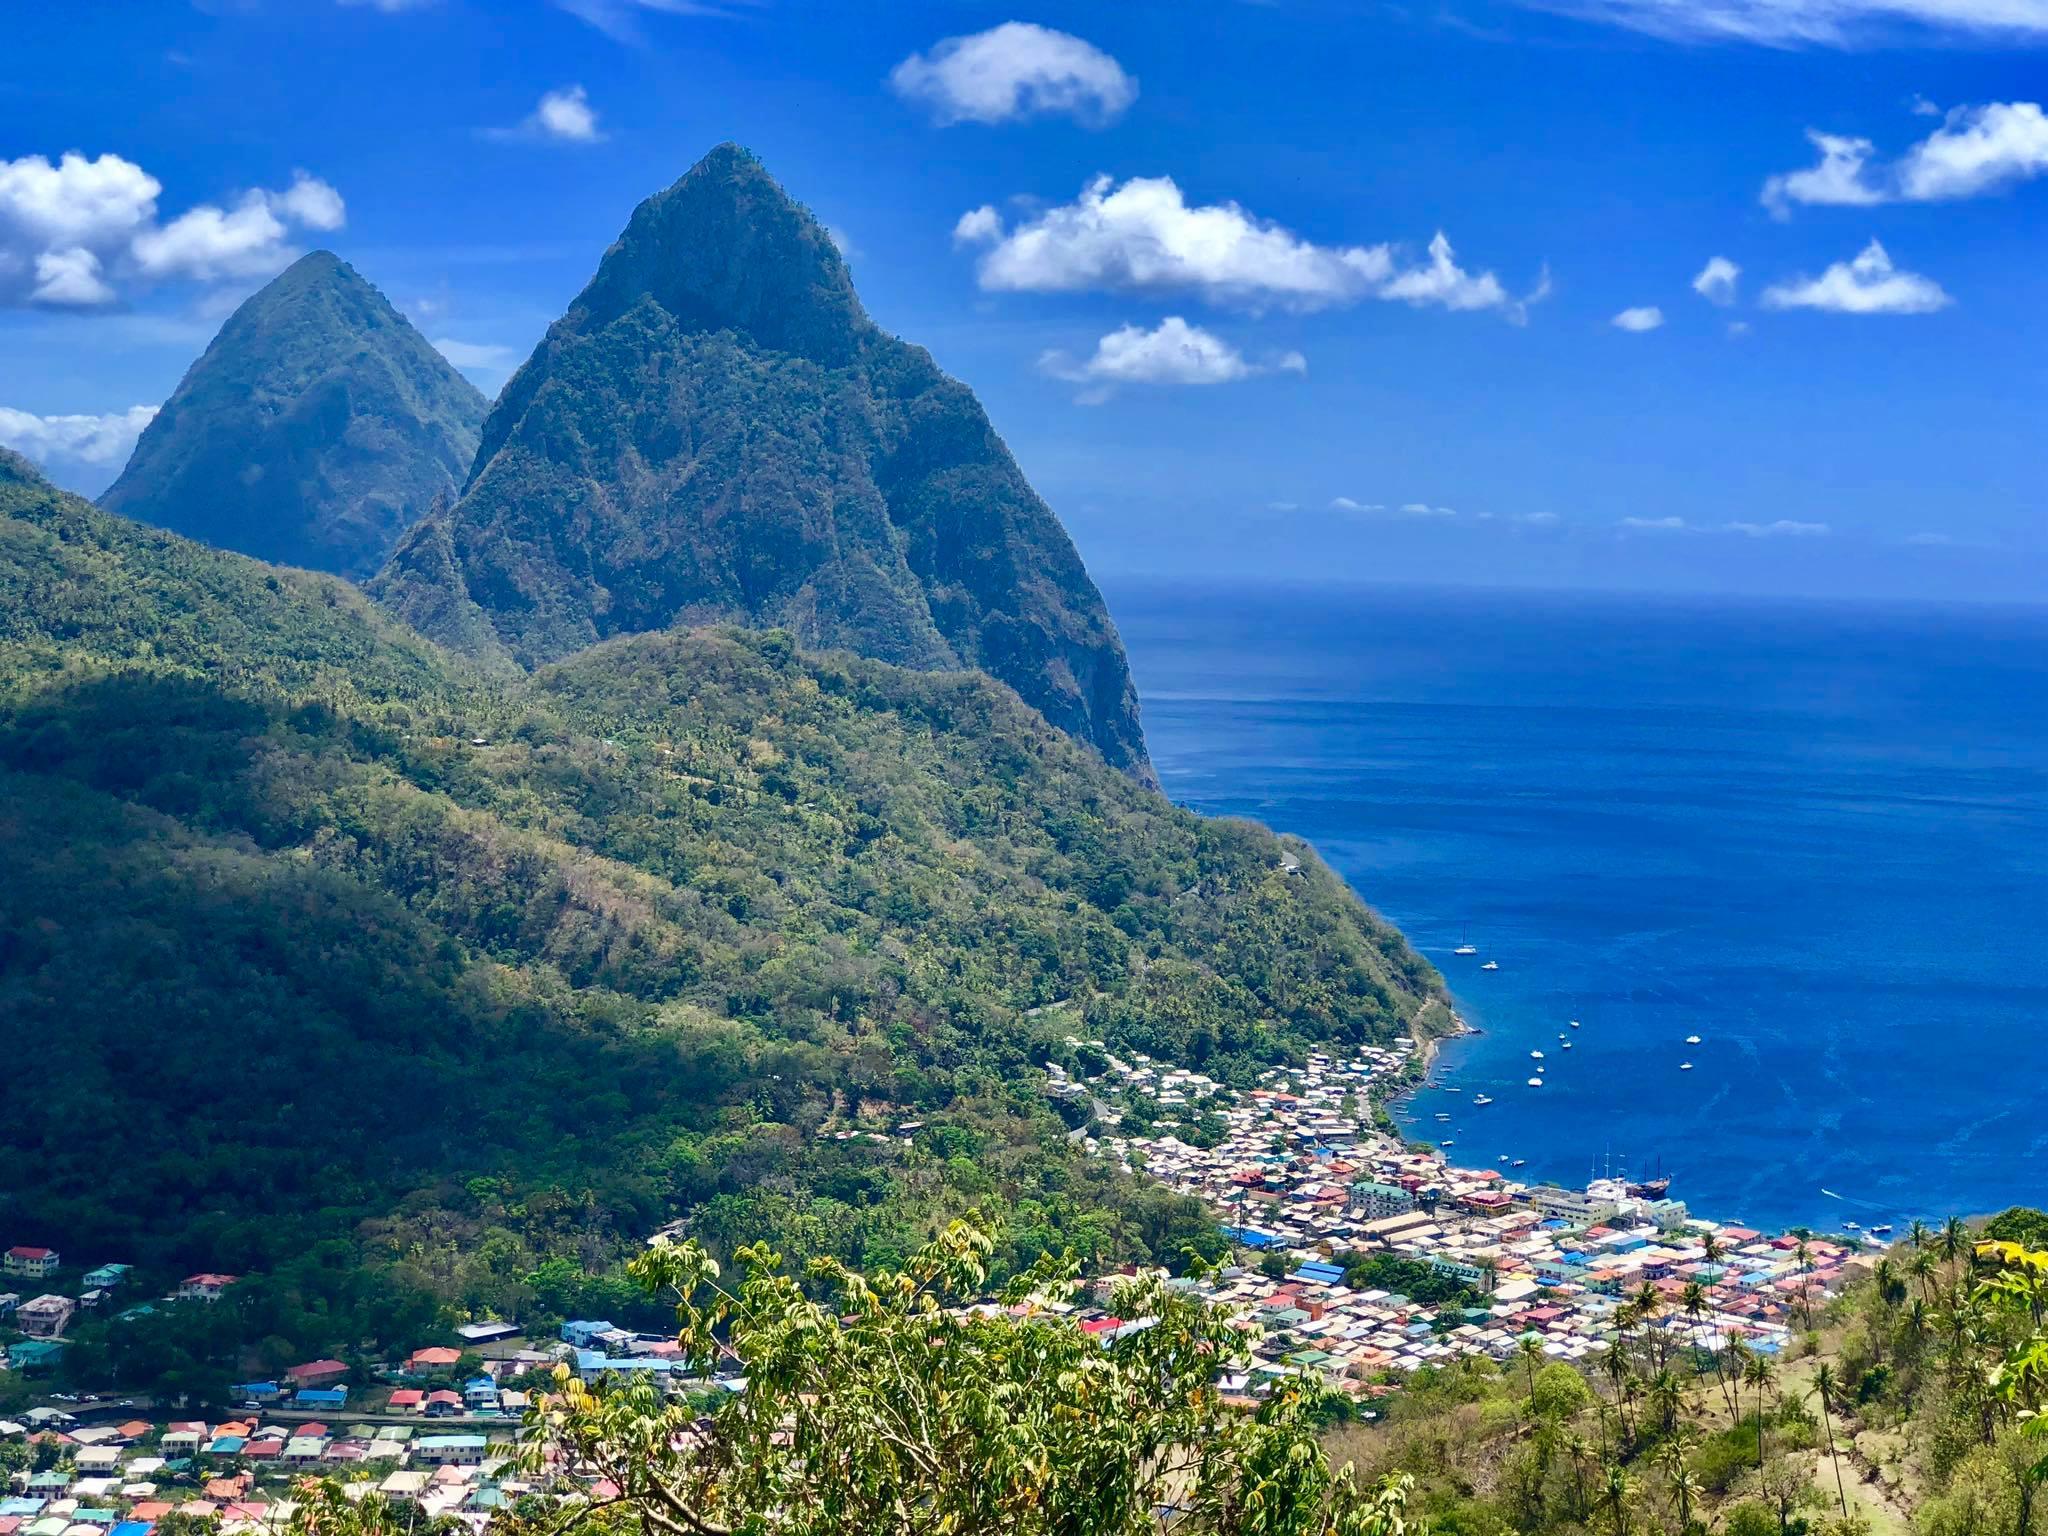 Kach Solo Travels in 2019 Beautiful St Lucia3.jpg